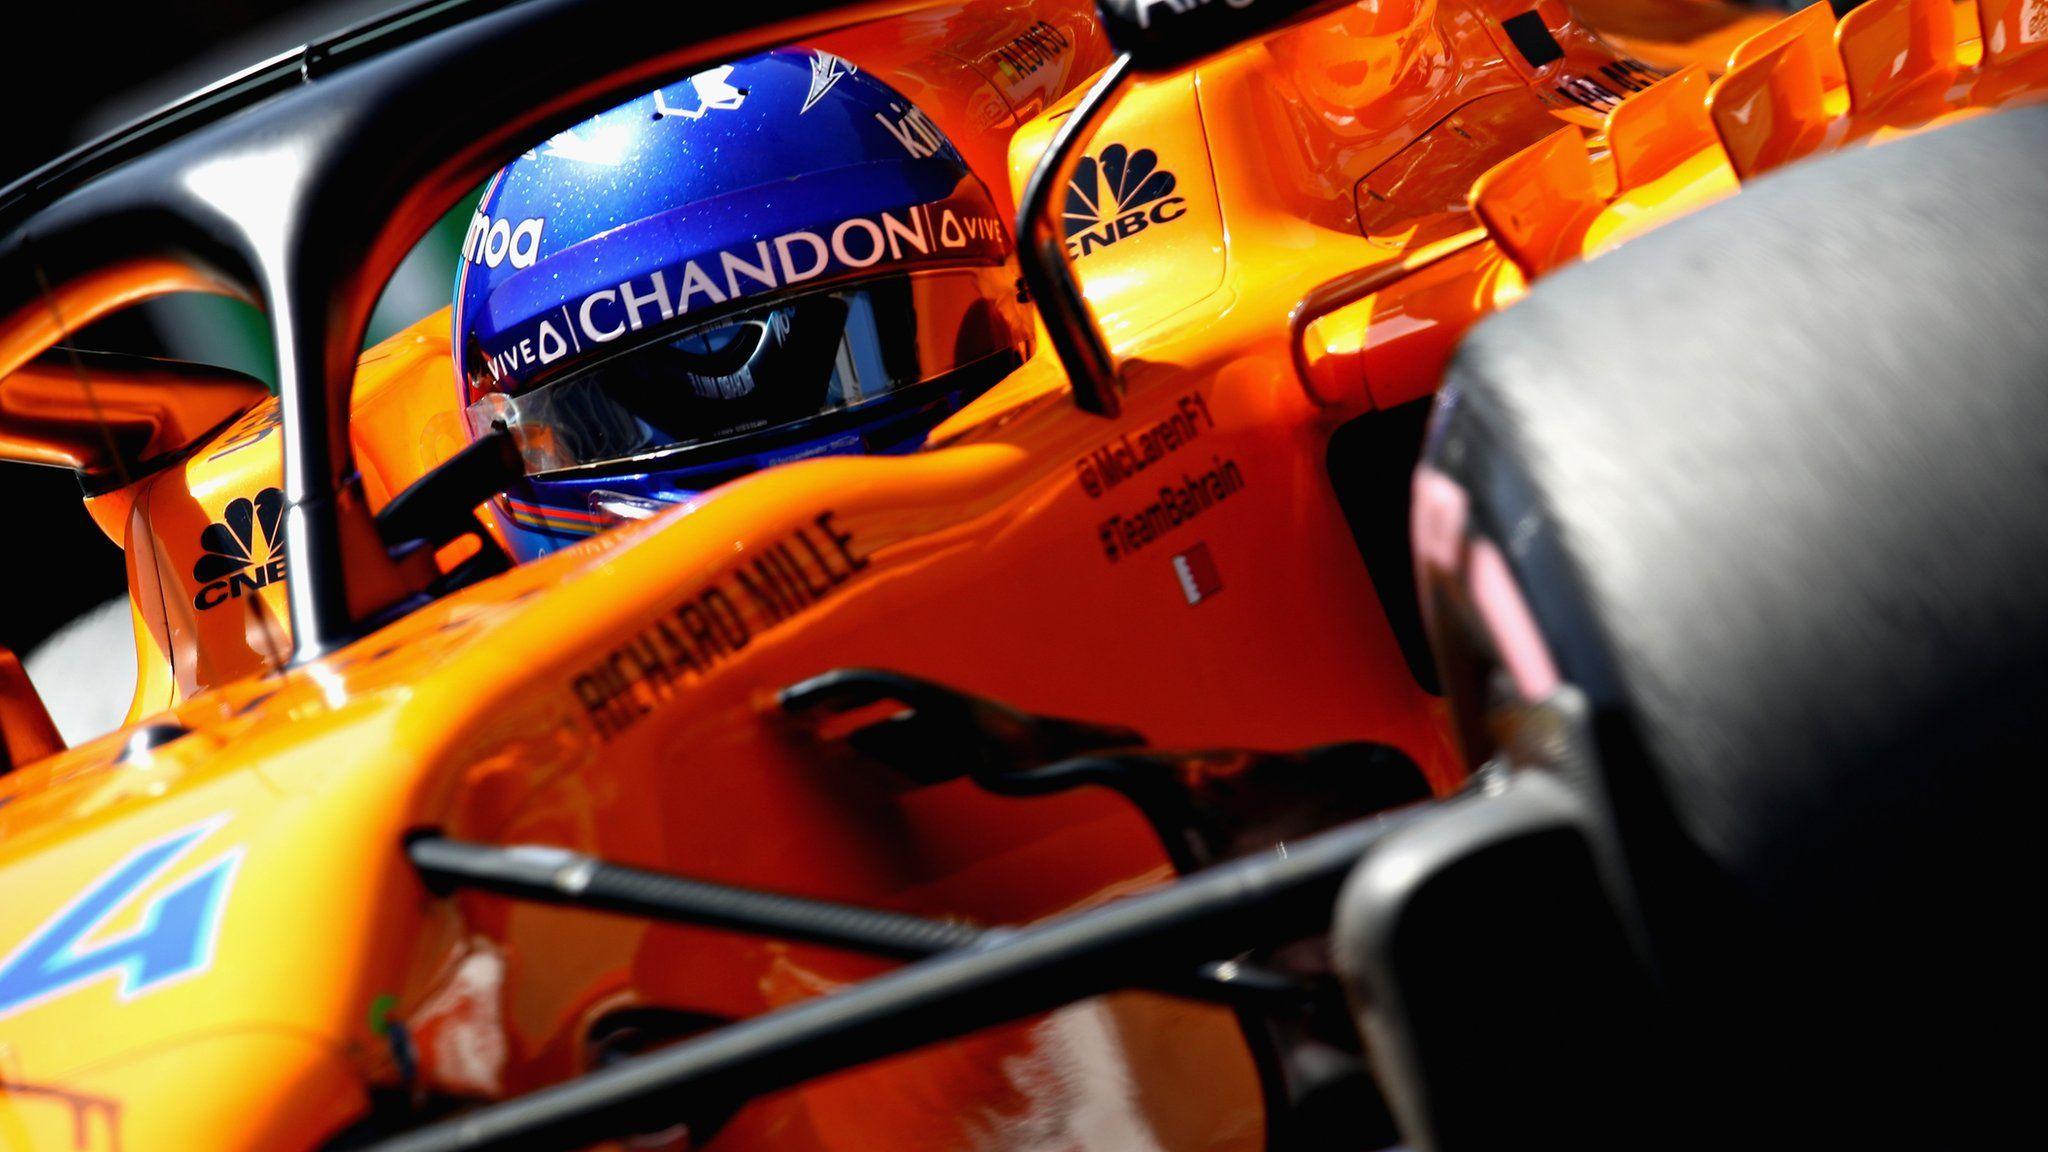 Montreal 'tough circuit' for McLaren Canadian grand prix